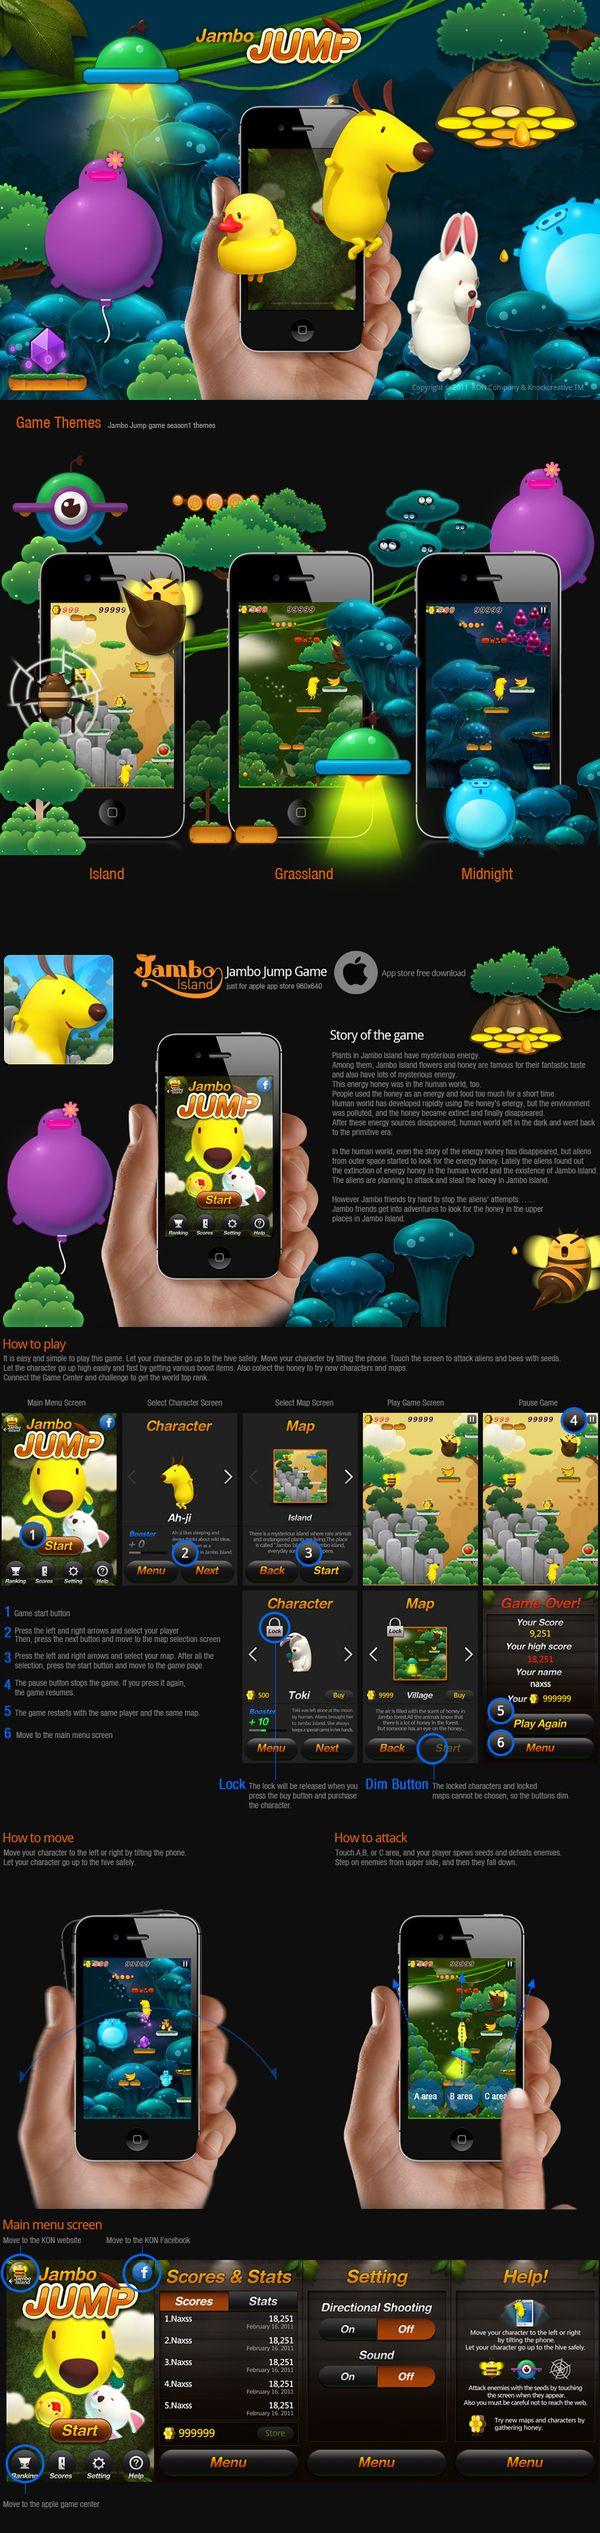 Jambo Island - I love honey - Funny 3D Animation & iphone App